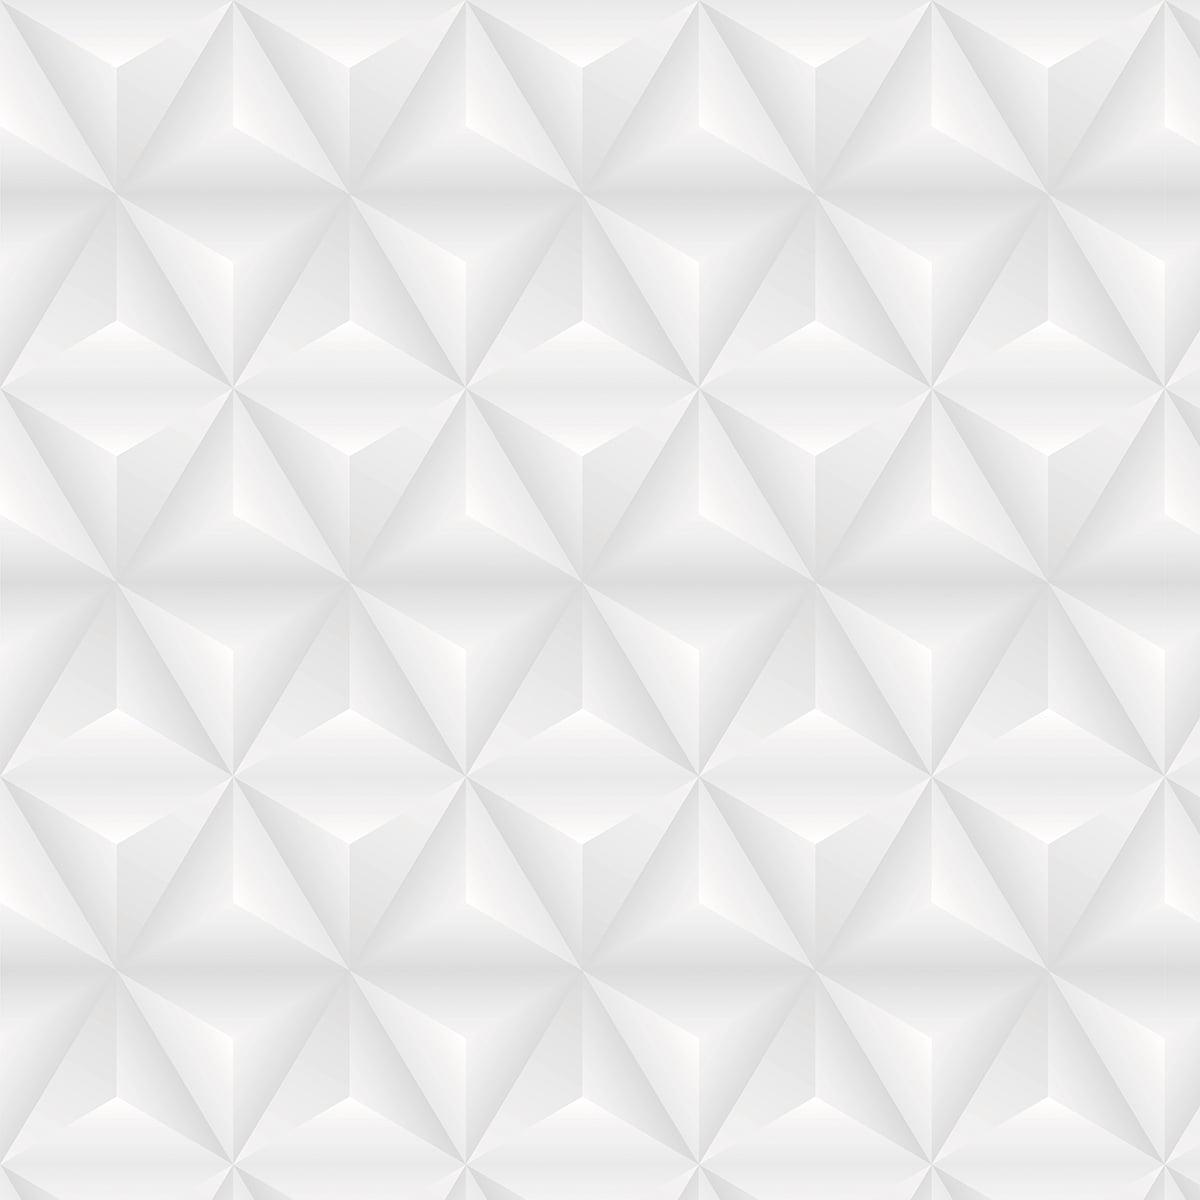 Rolo Adesivo Relevo Branco